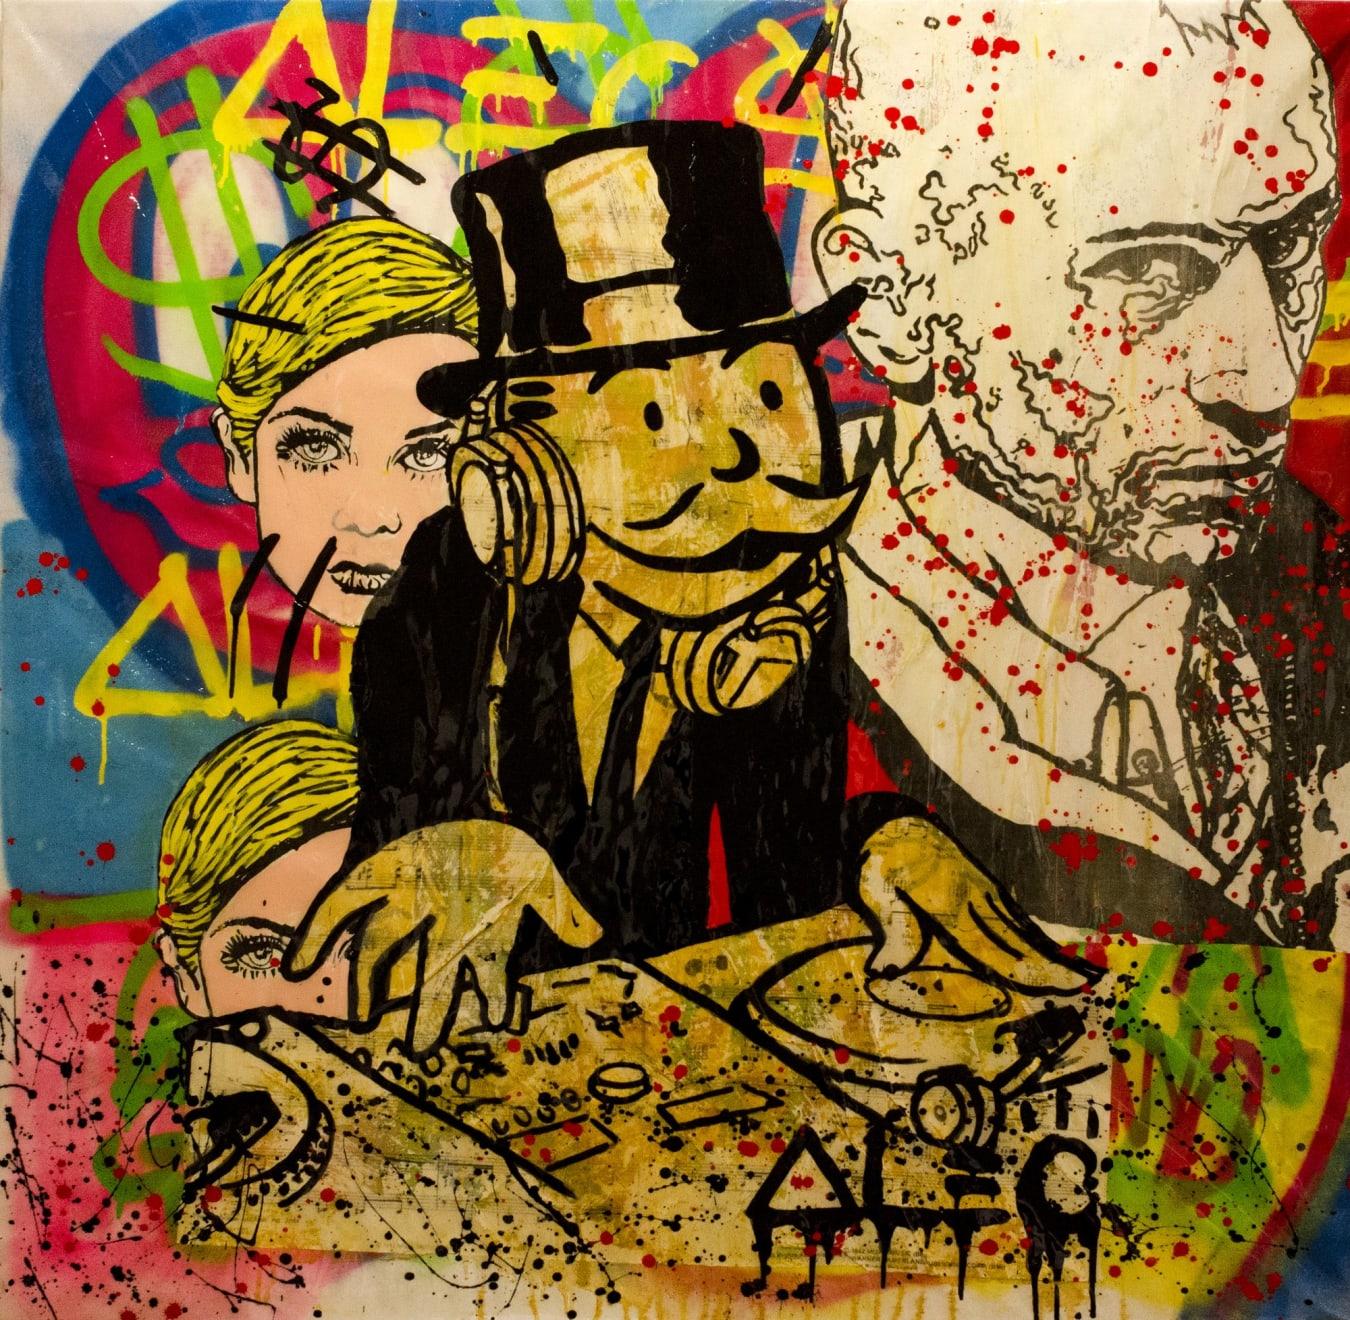 Alec Monopoly Monopoly DJ - Bob & Twiggy, 2013